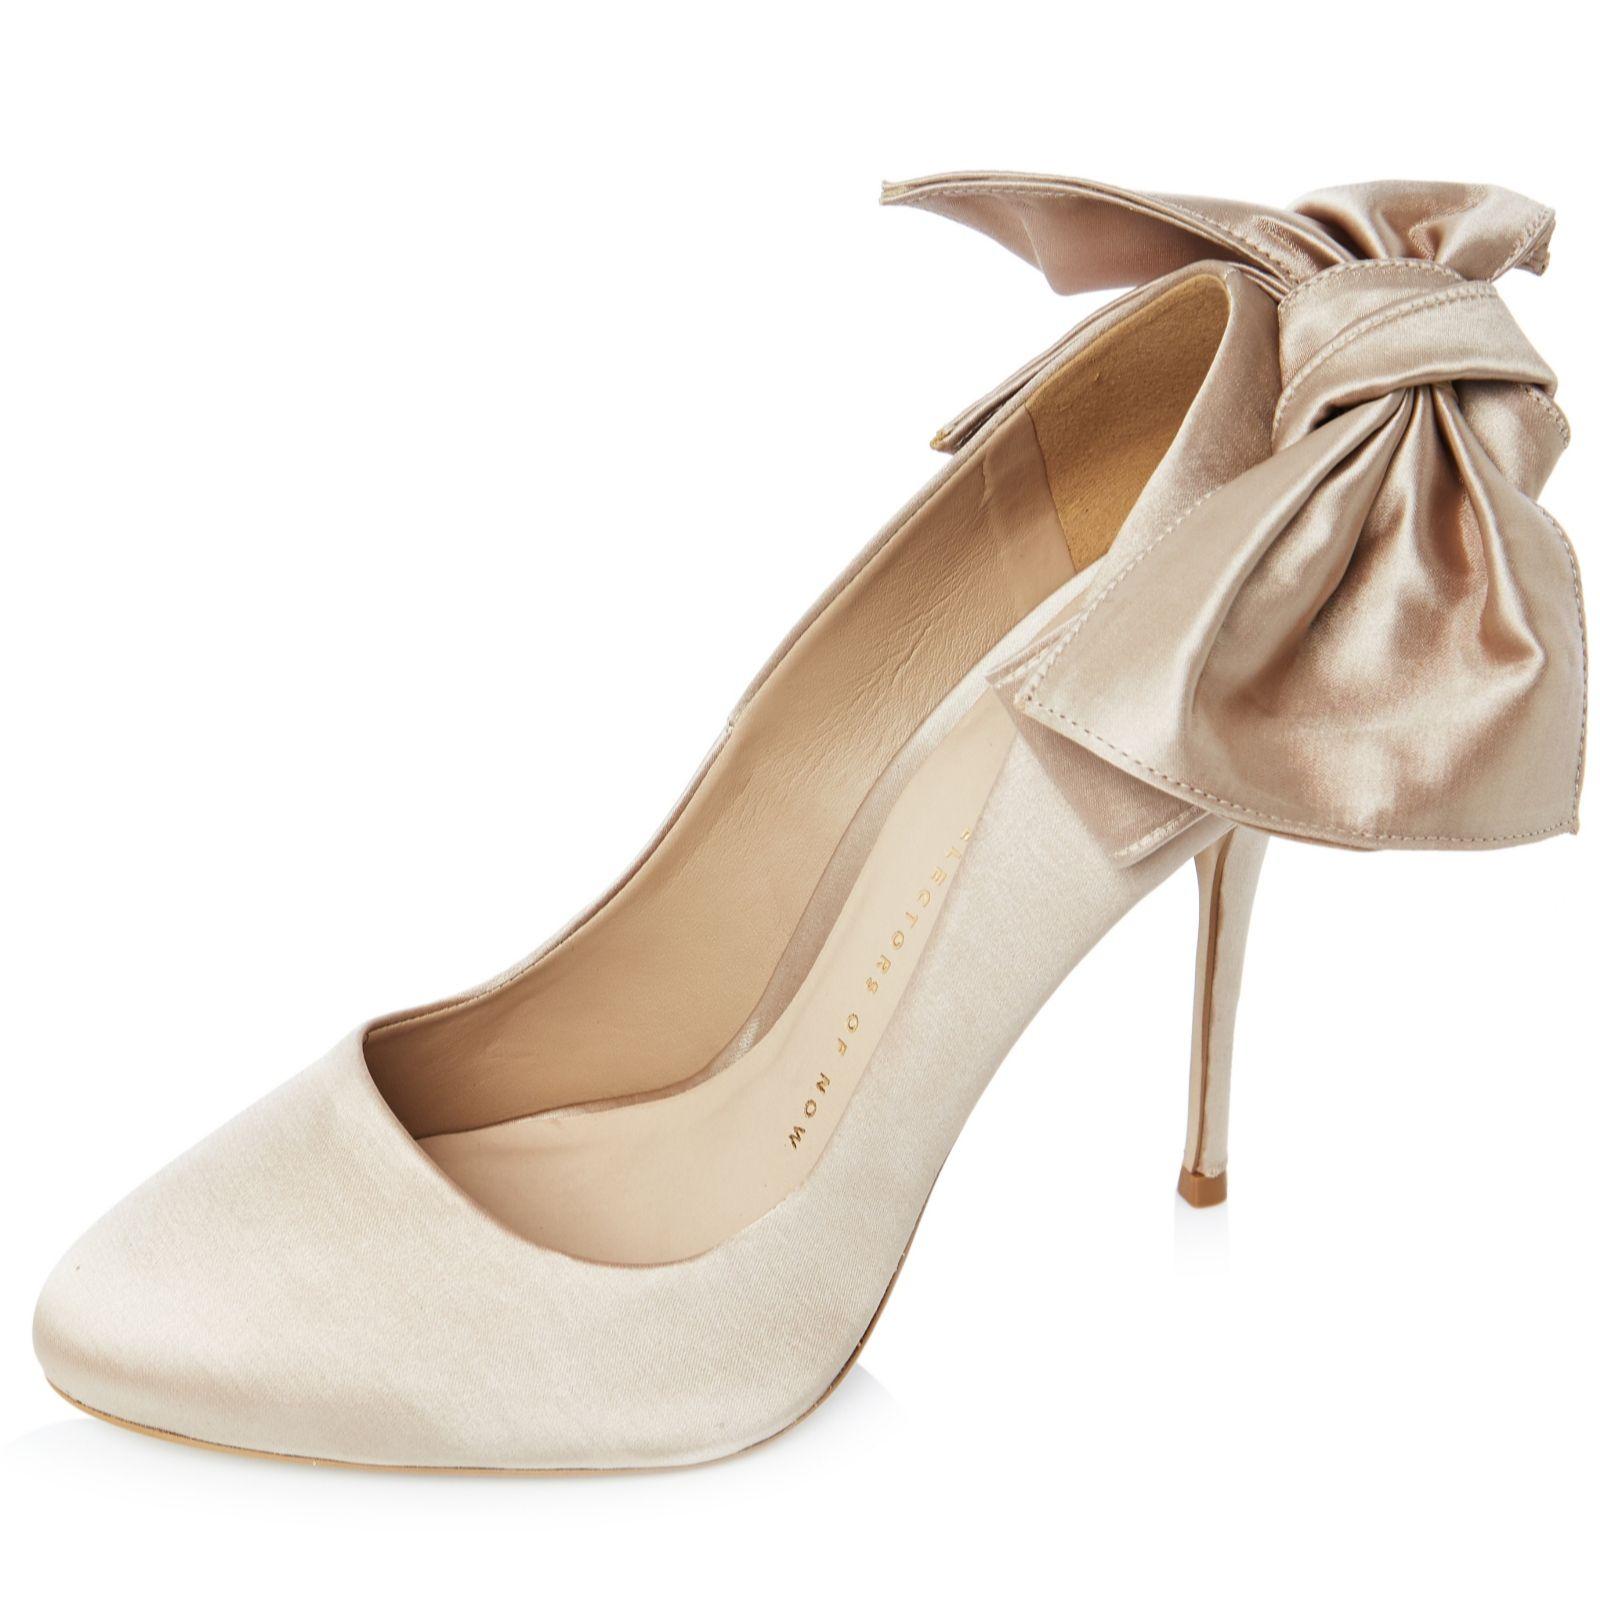 5c09c92615 Bronx Satin Bow Round Toe Court Shoe - QVC UK